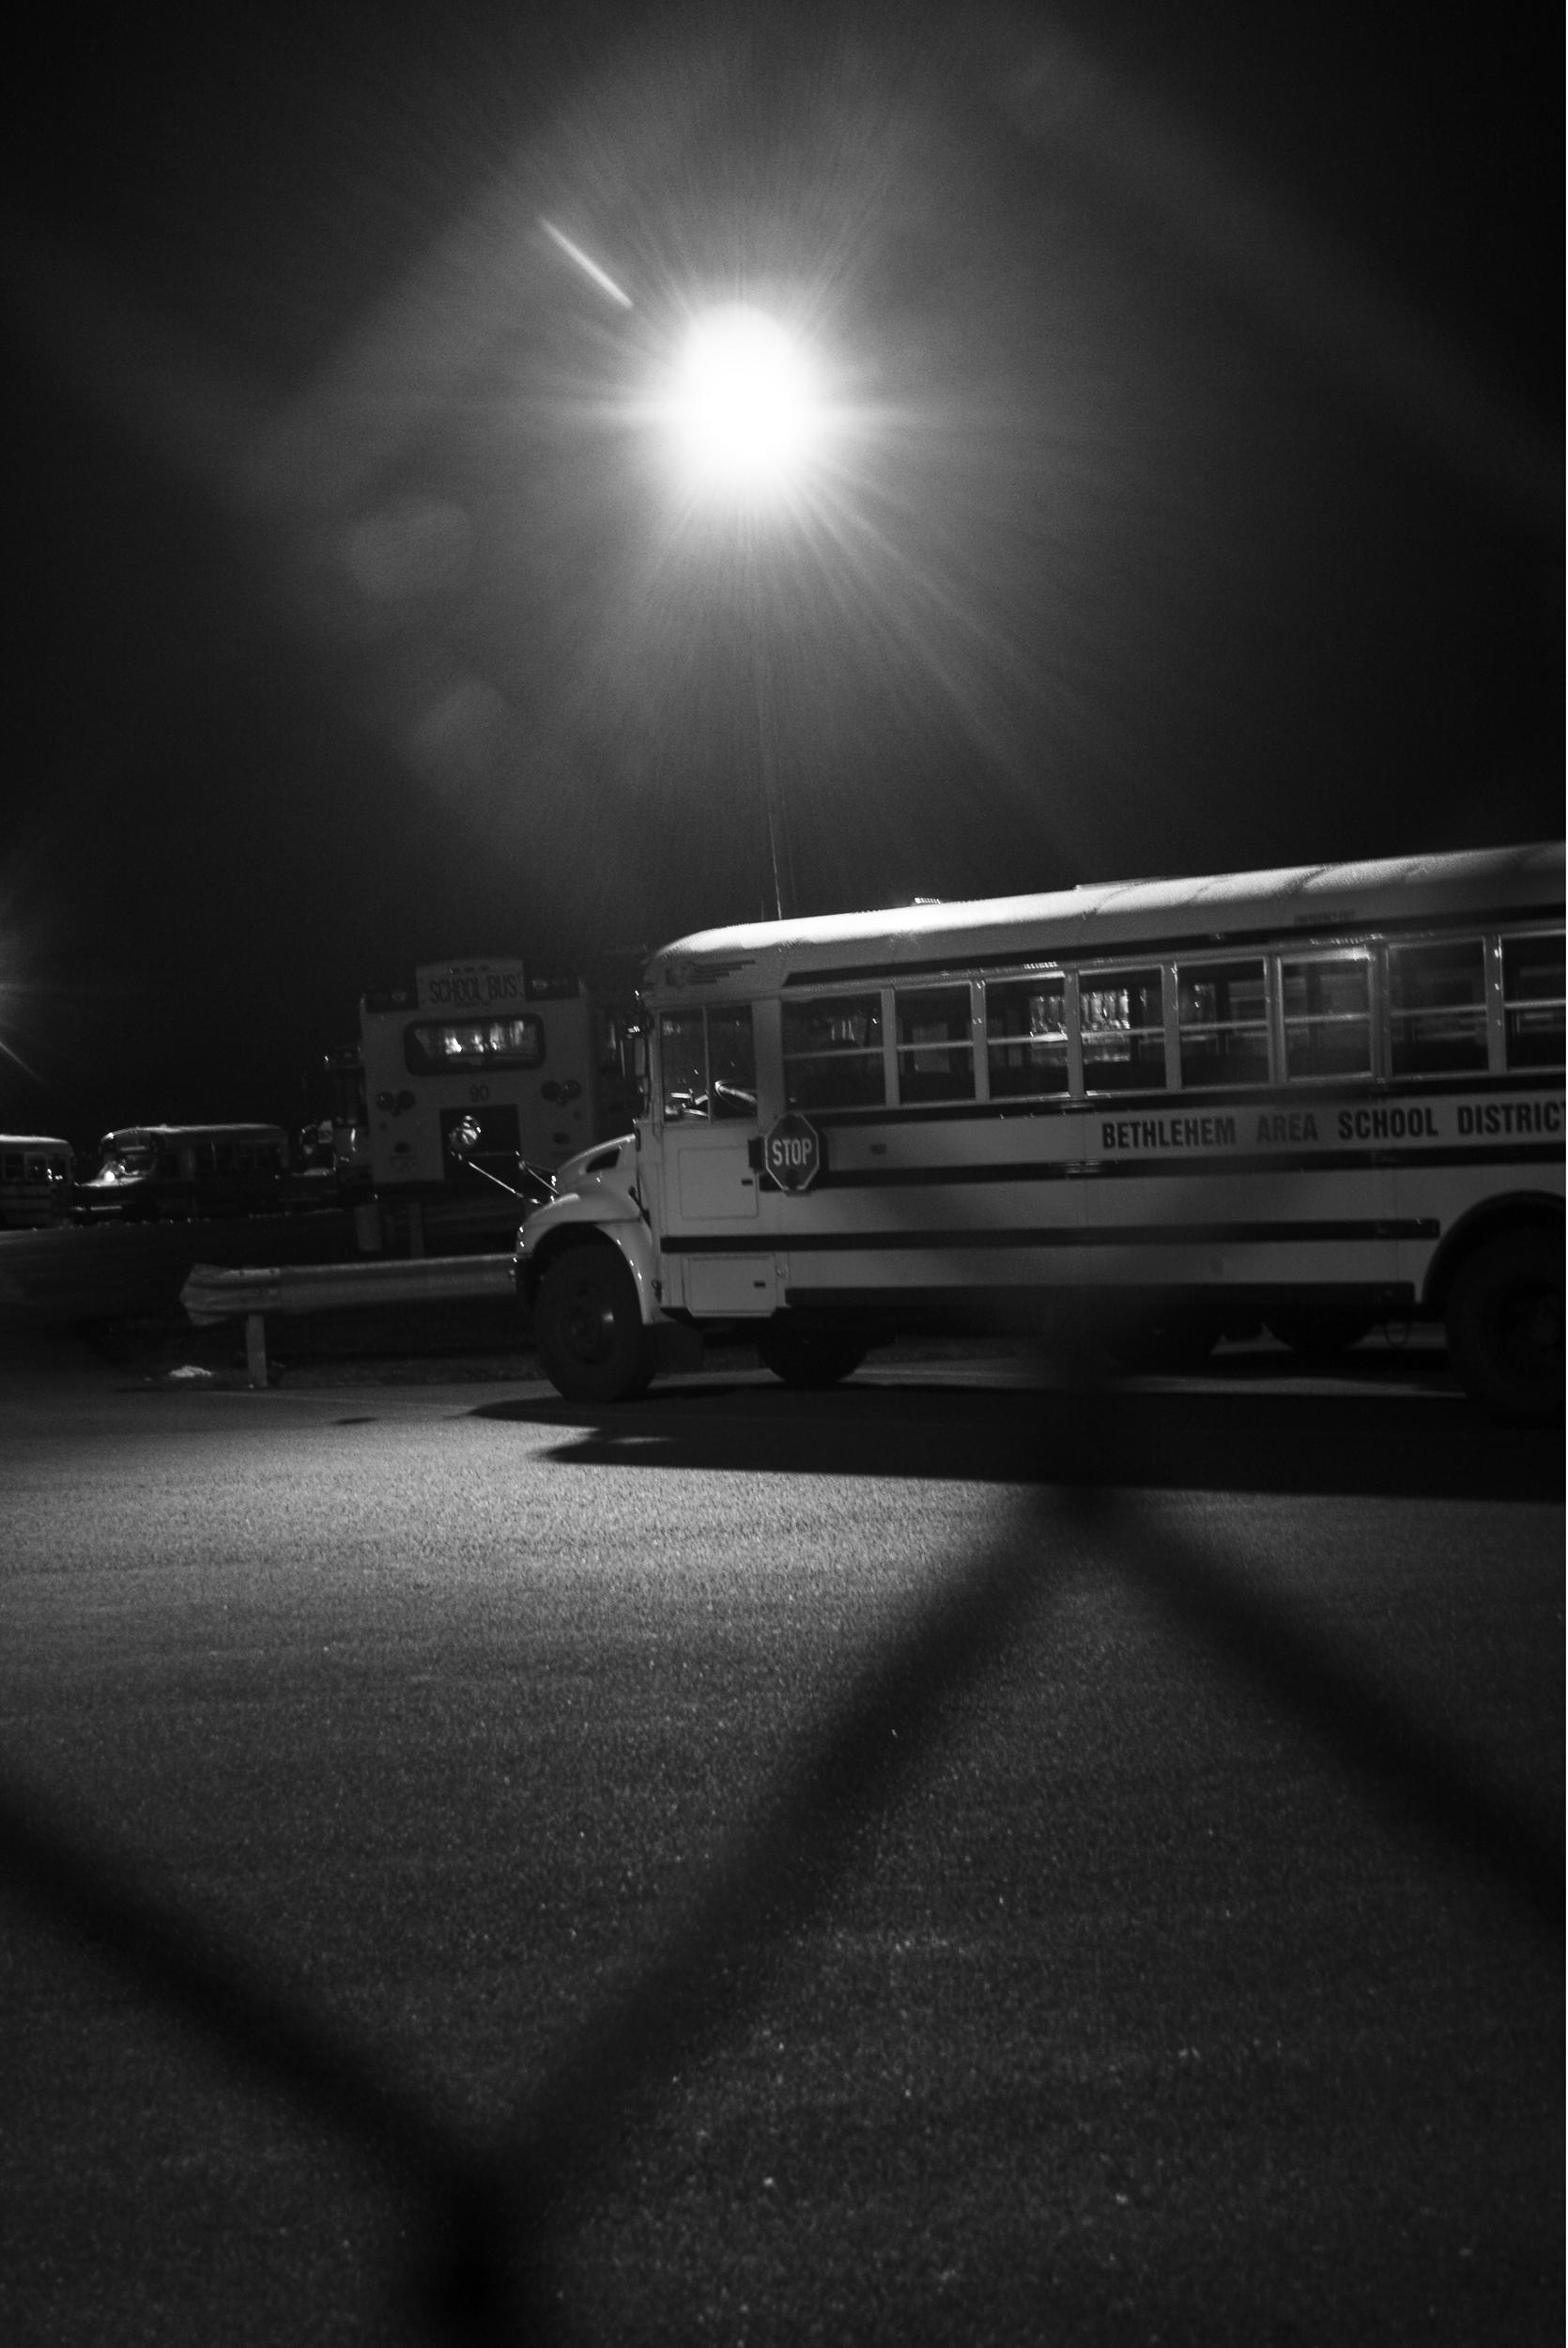 busstationnight.jpg